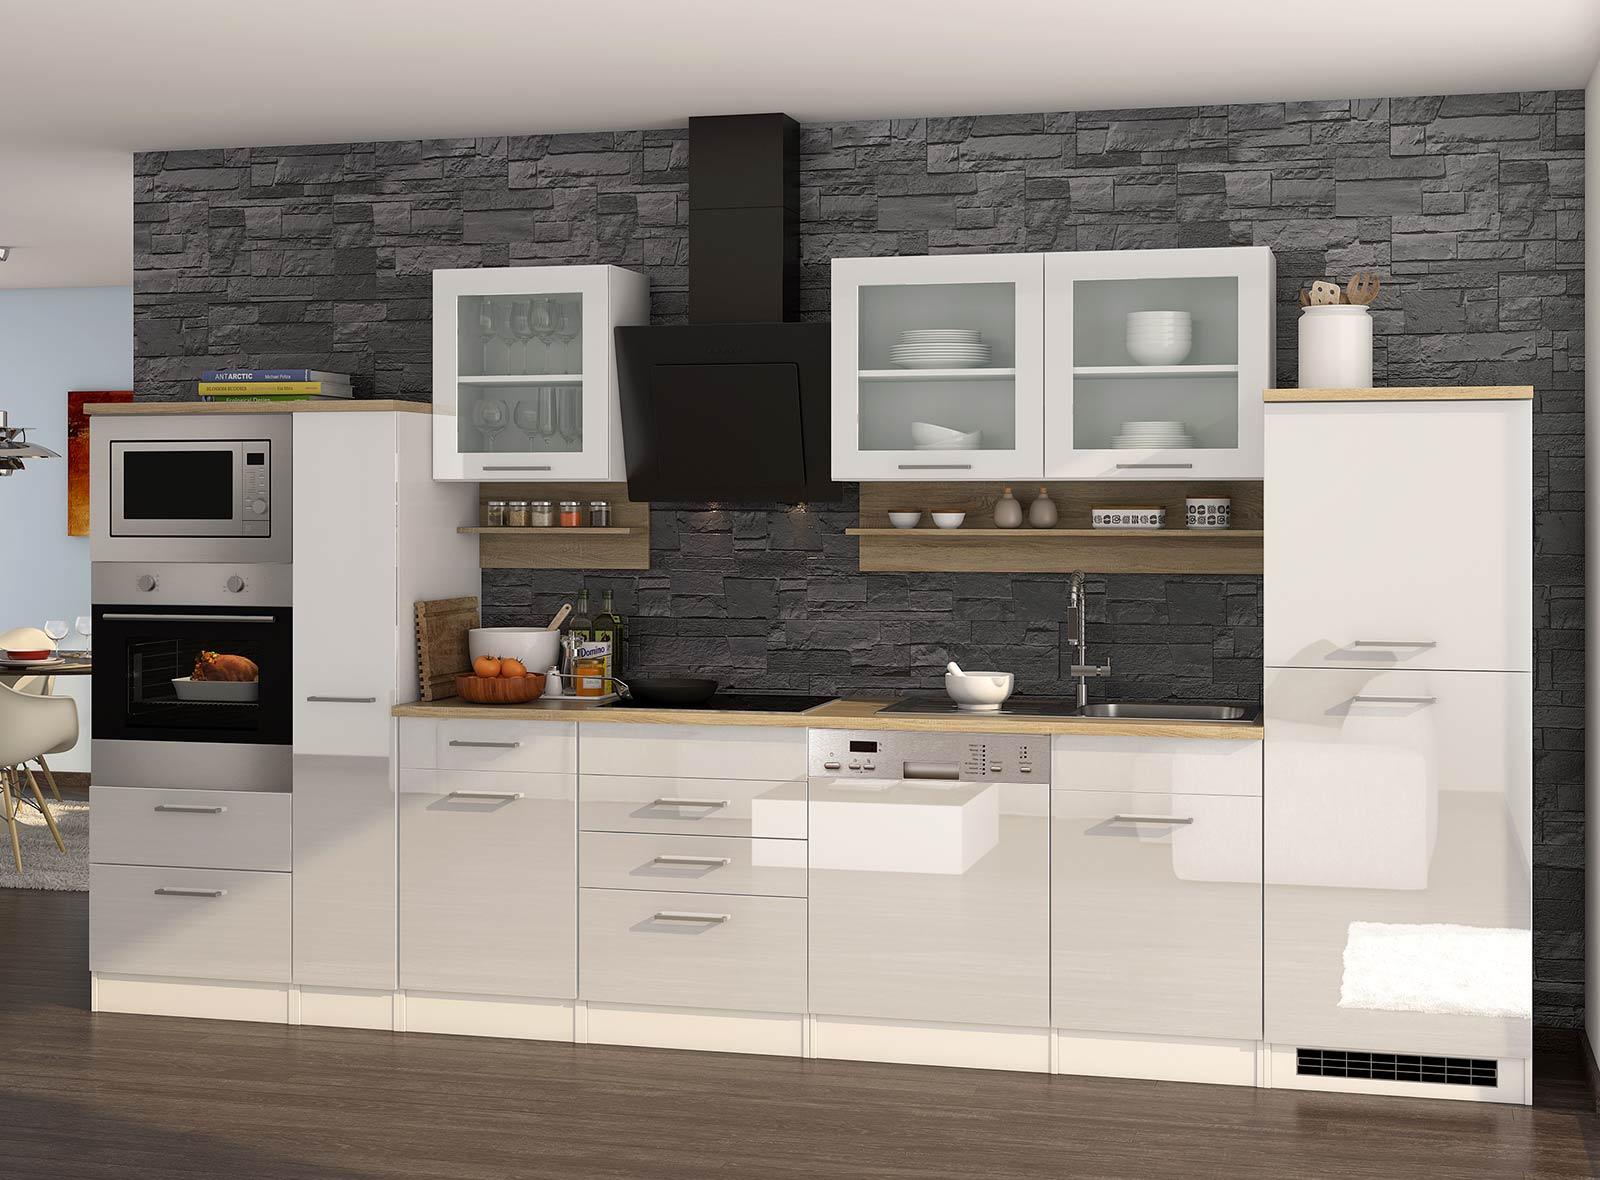 Lifestyle4Living Küchenblock, weiß Hochglanz, Stellmaß: ca. 370 cm, mit Elektrogeräten inkl. Geschirrspüler und Mikrowelle